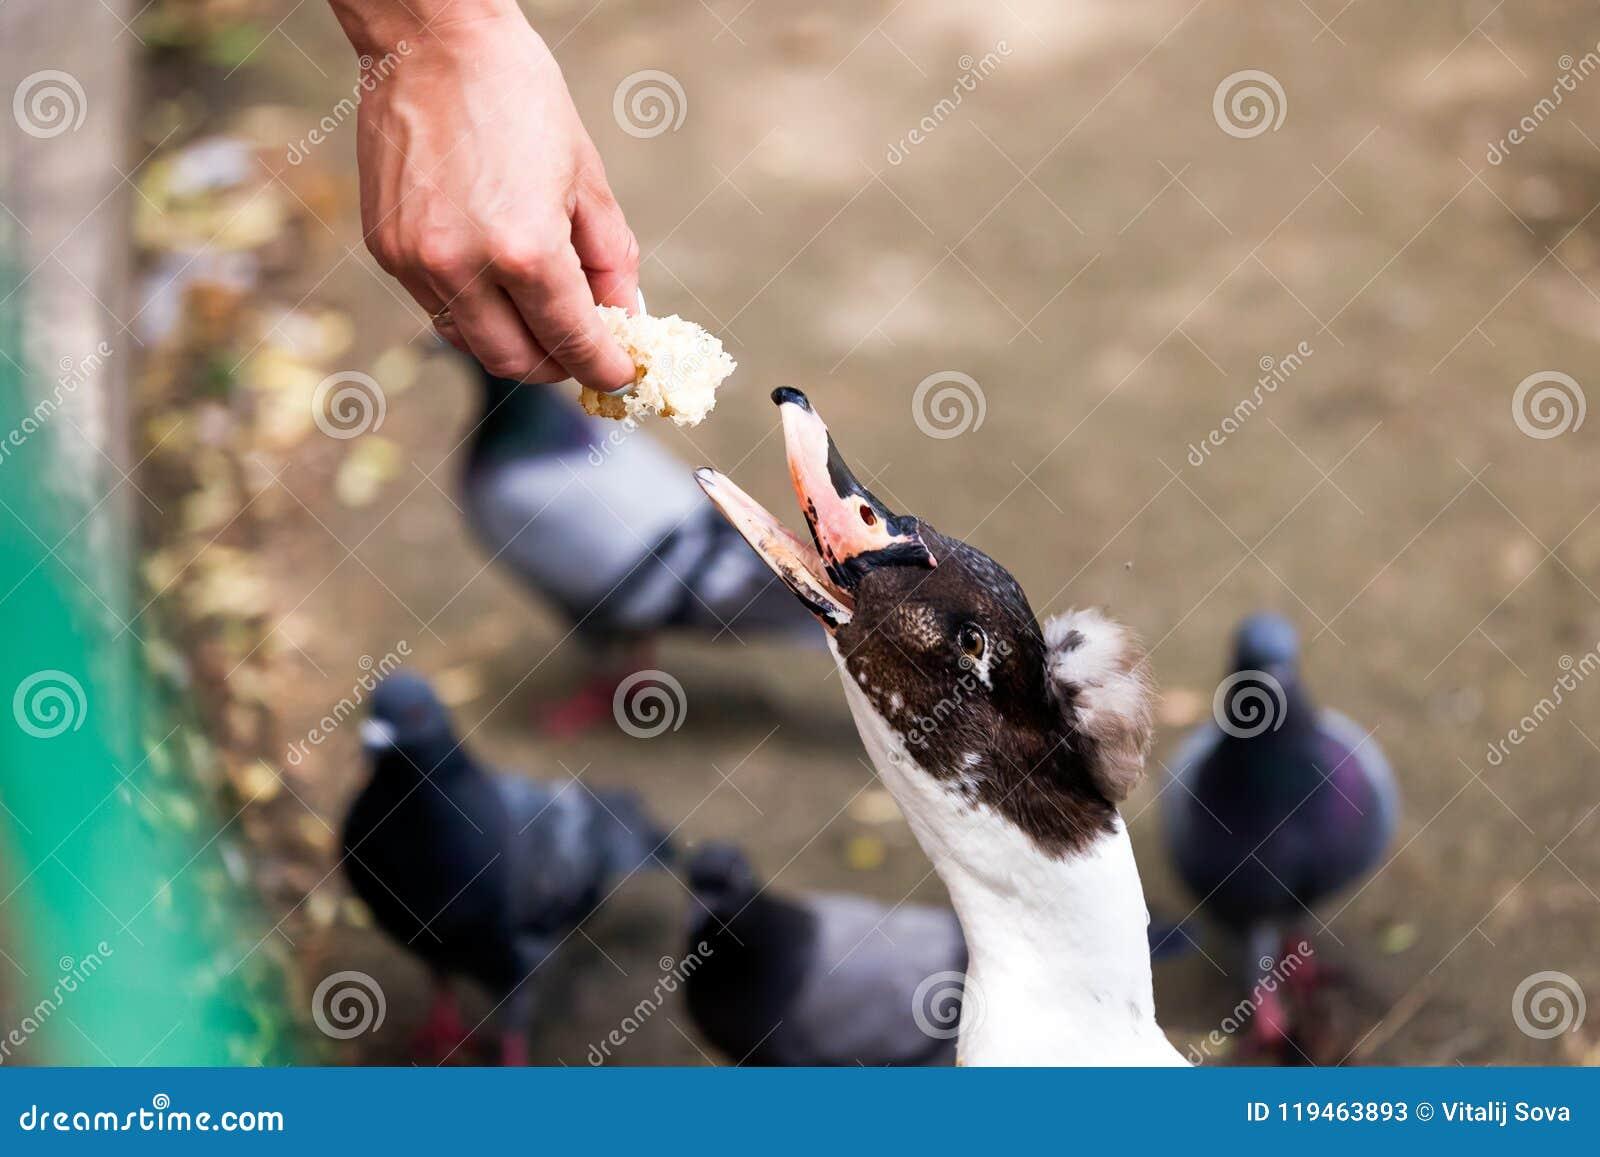 Woman feeding duck